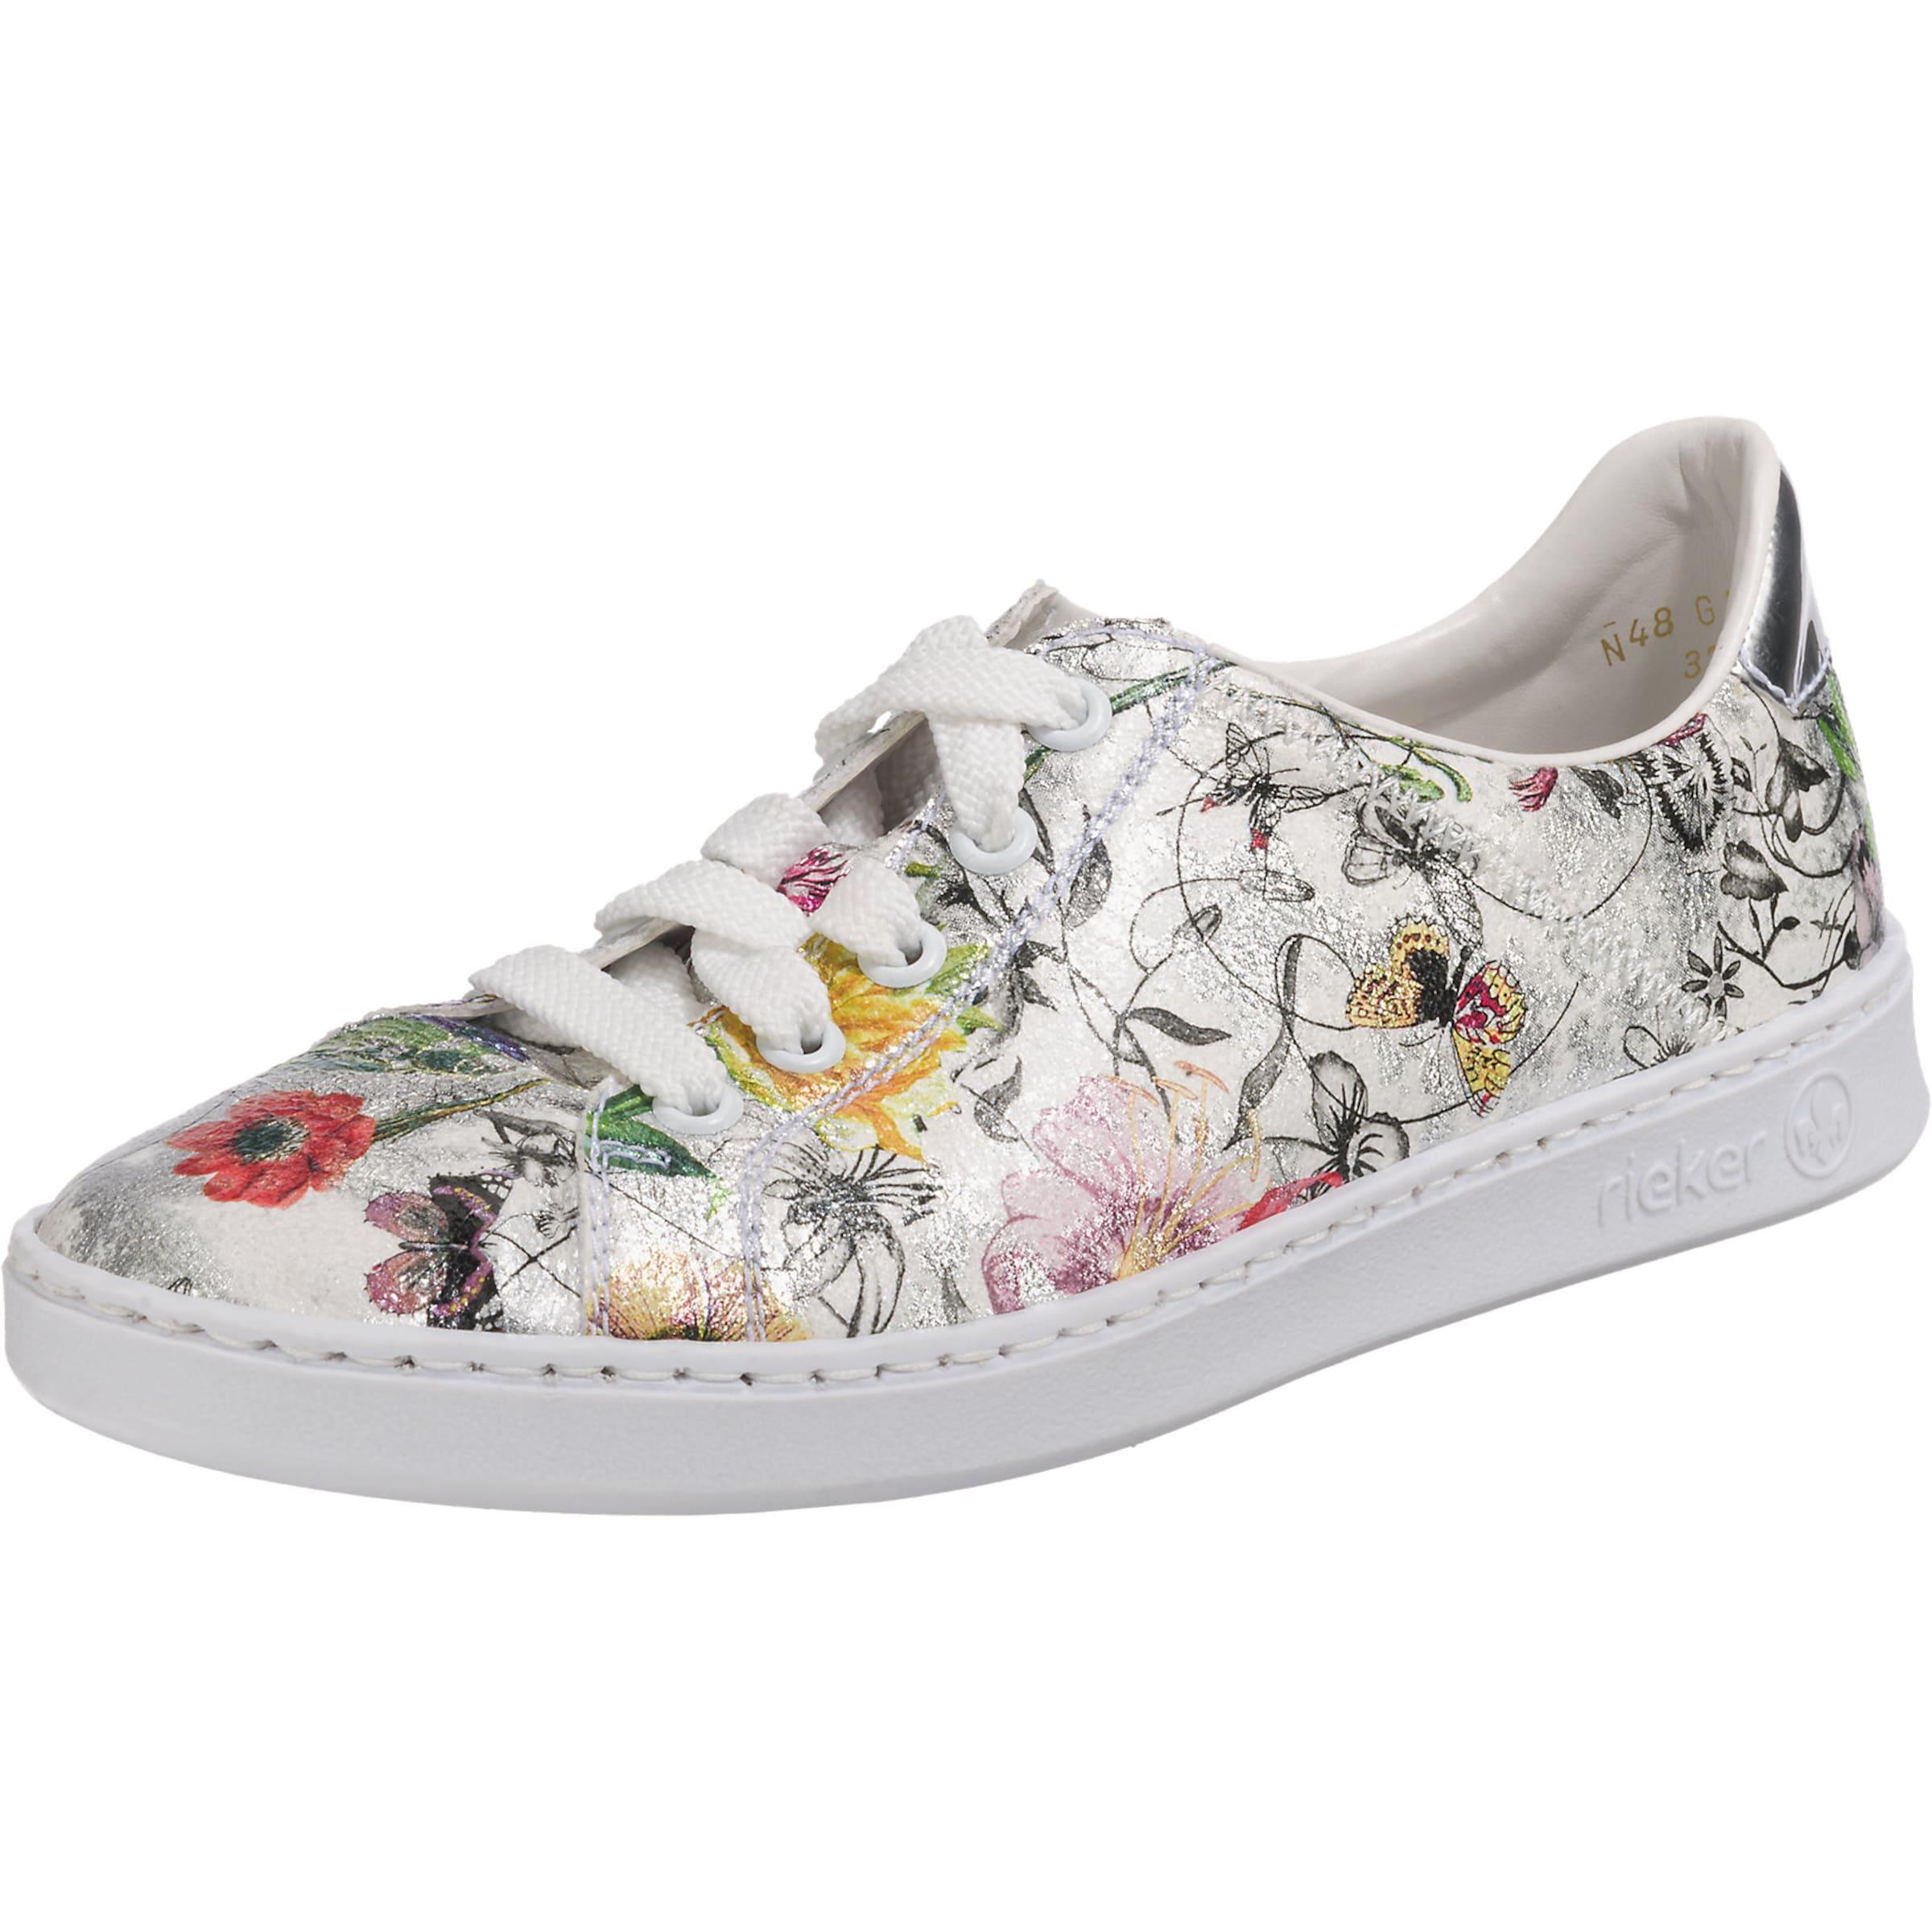 Sneaker 'bouquet' In Rieker Rieker MischfarbenWeiß Rieker Sneaker Sneaker In MischfarbenWeiß 'bouquet' NOvm80nw